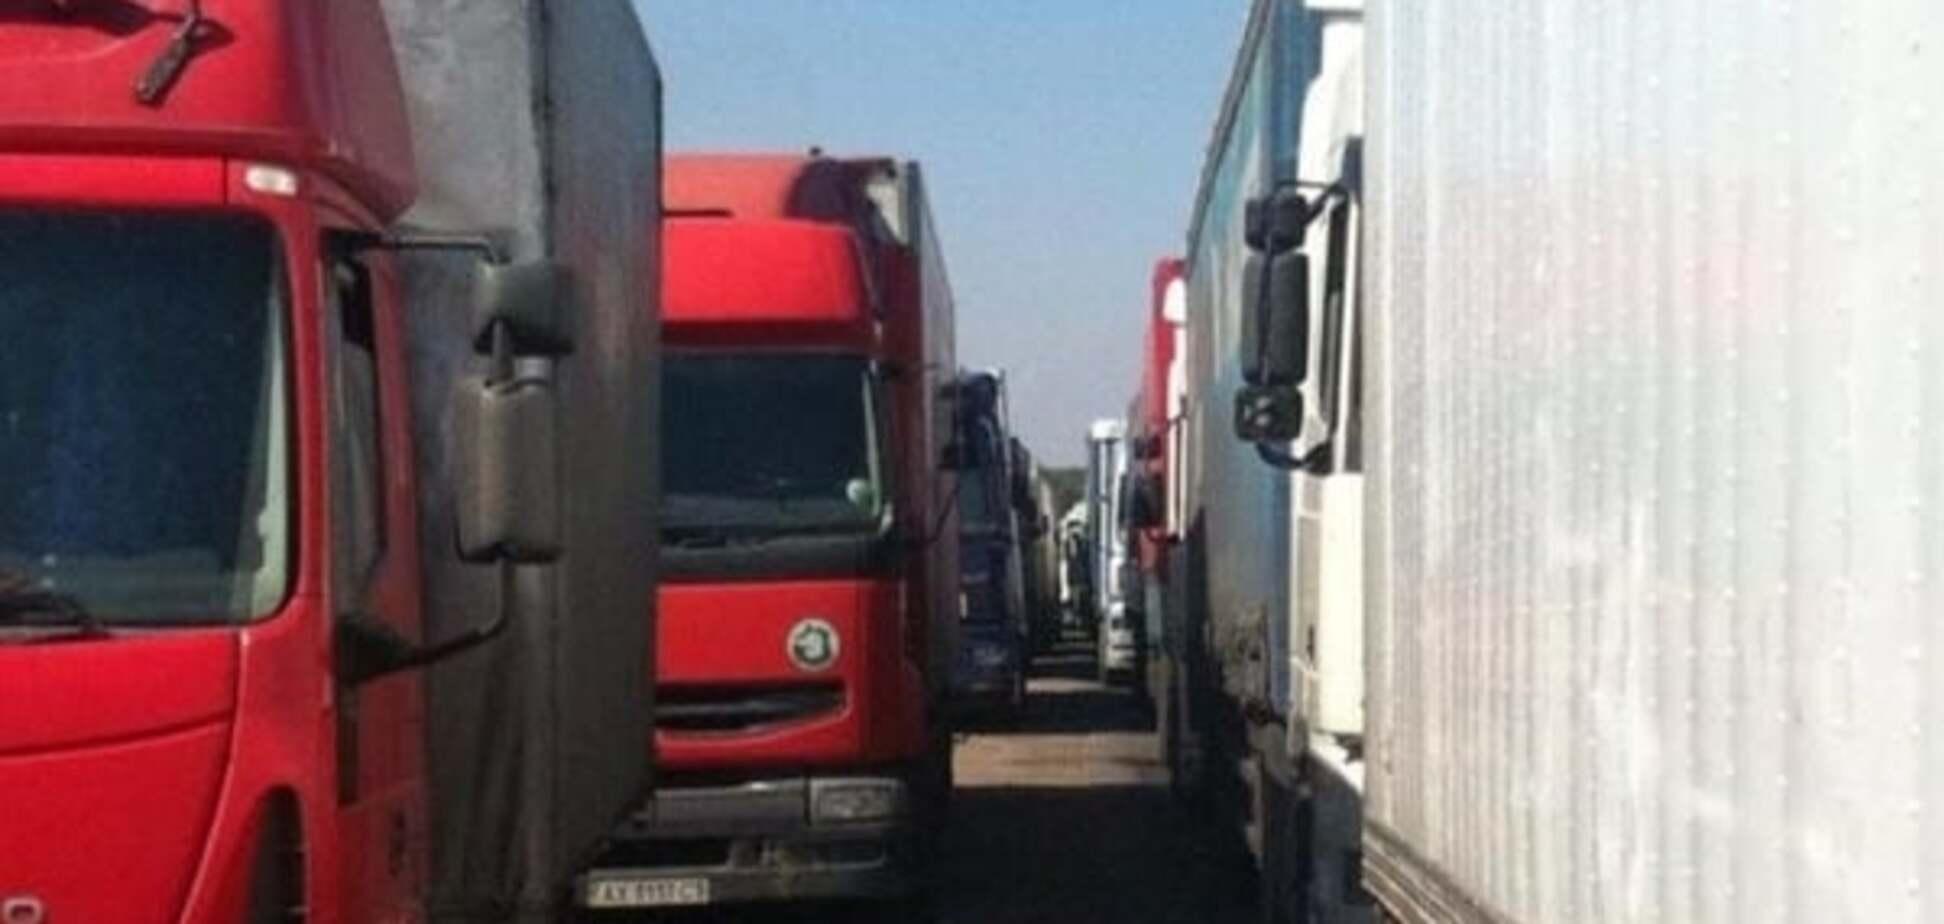 Активіст пояснив, чому блокада Криму розпочалася вчасно